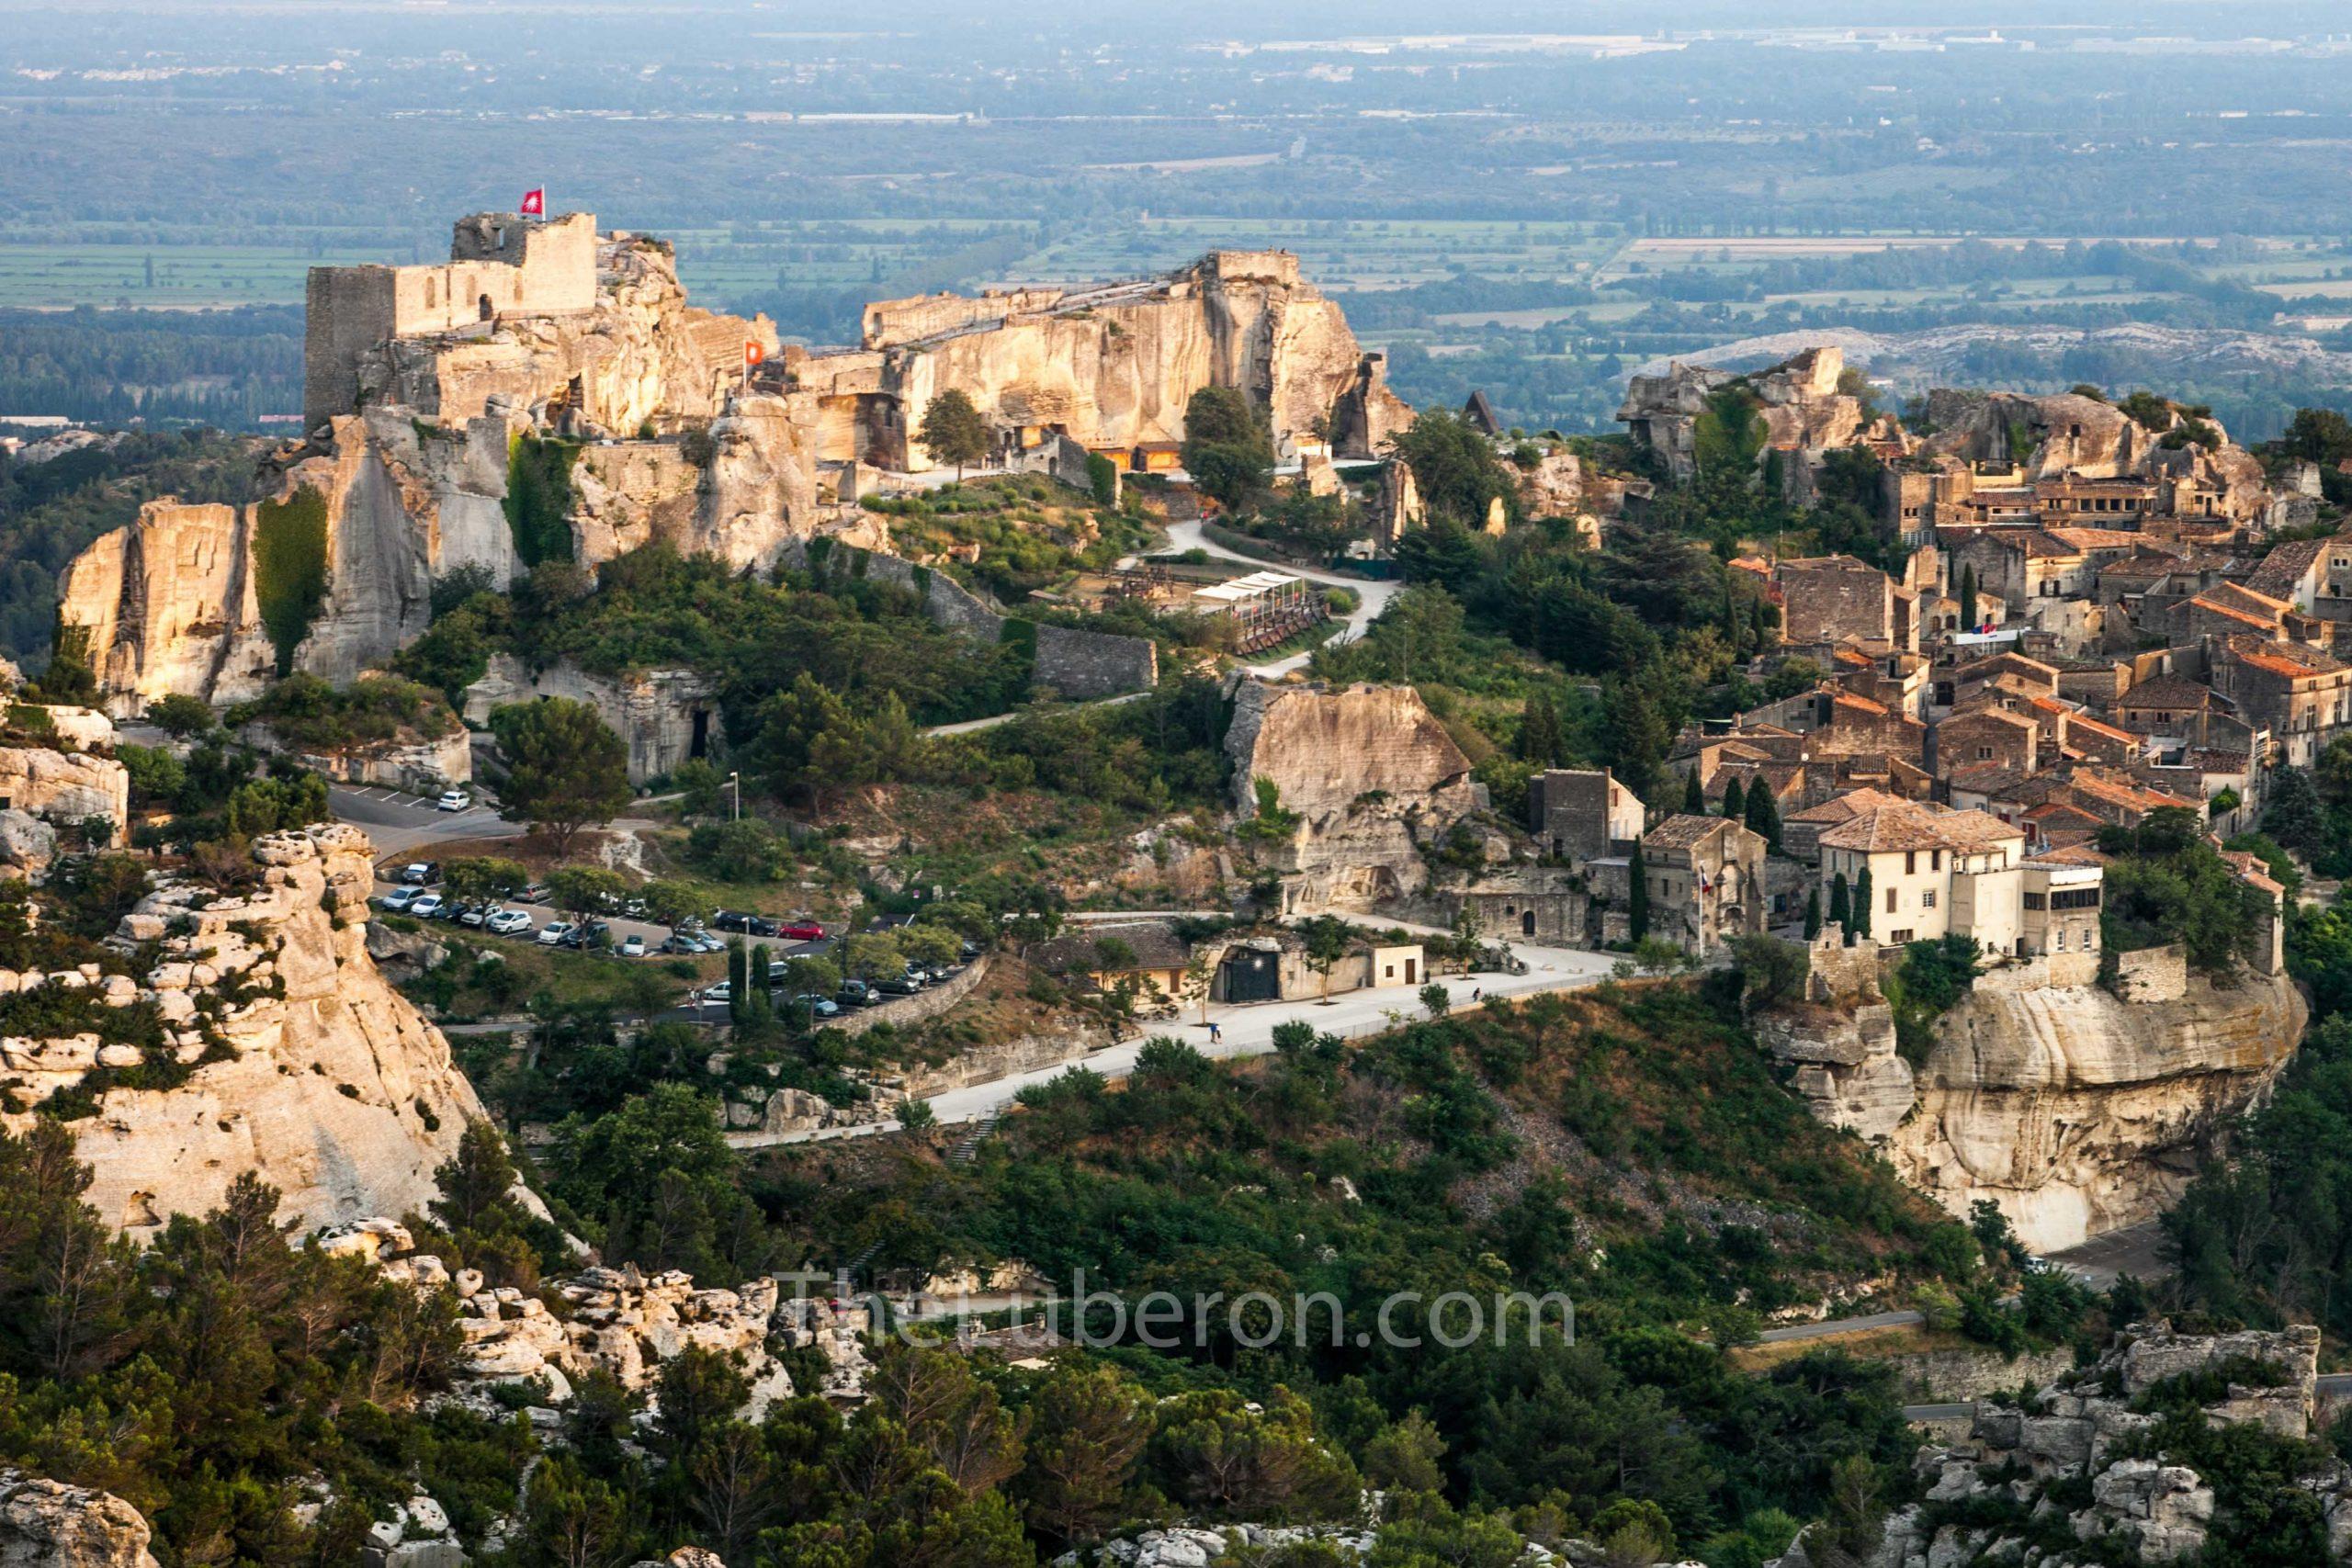 Aeria view of les Baux-de-Provence